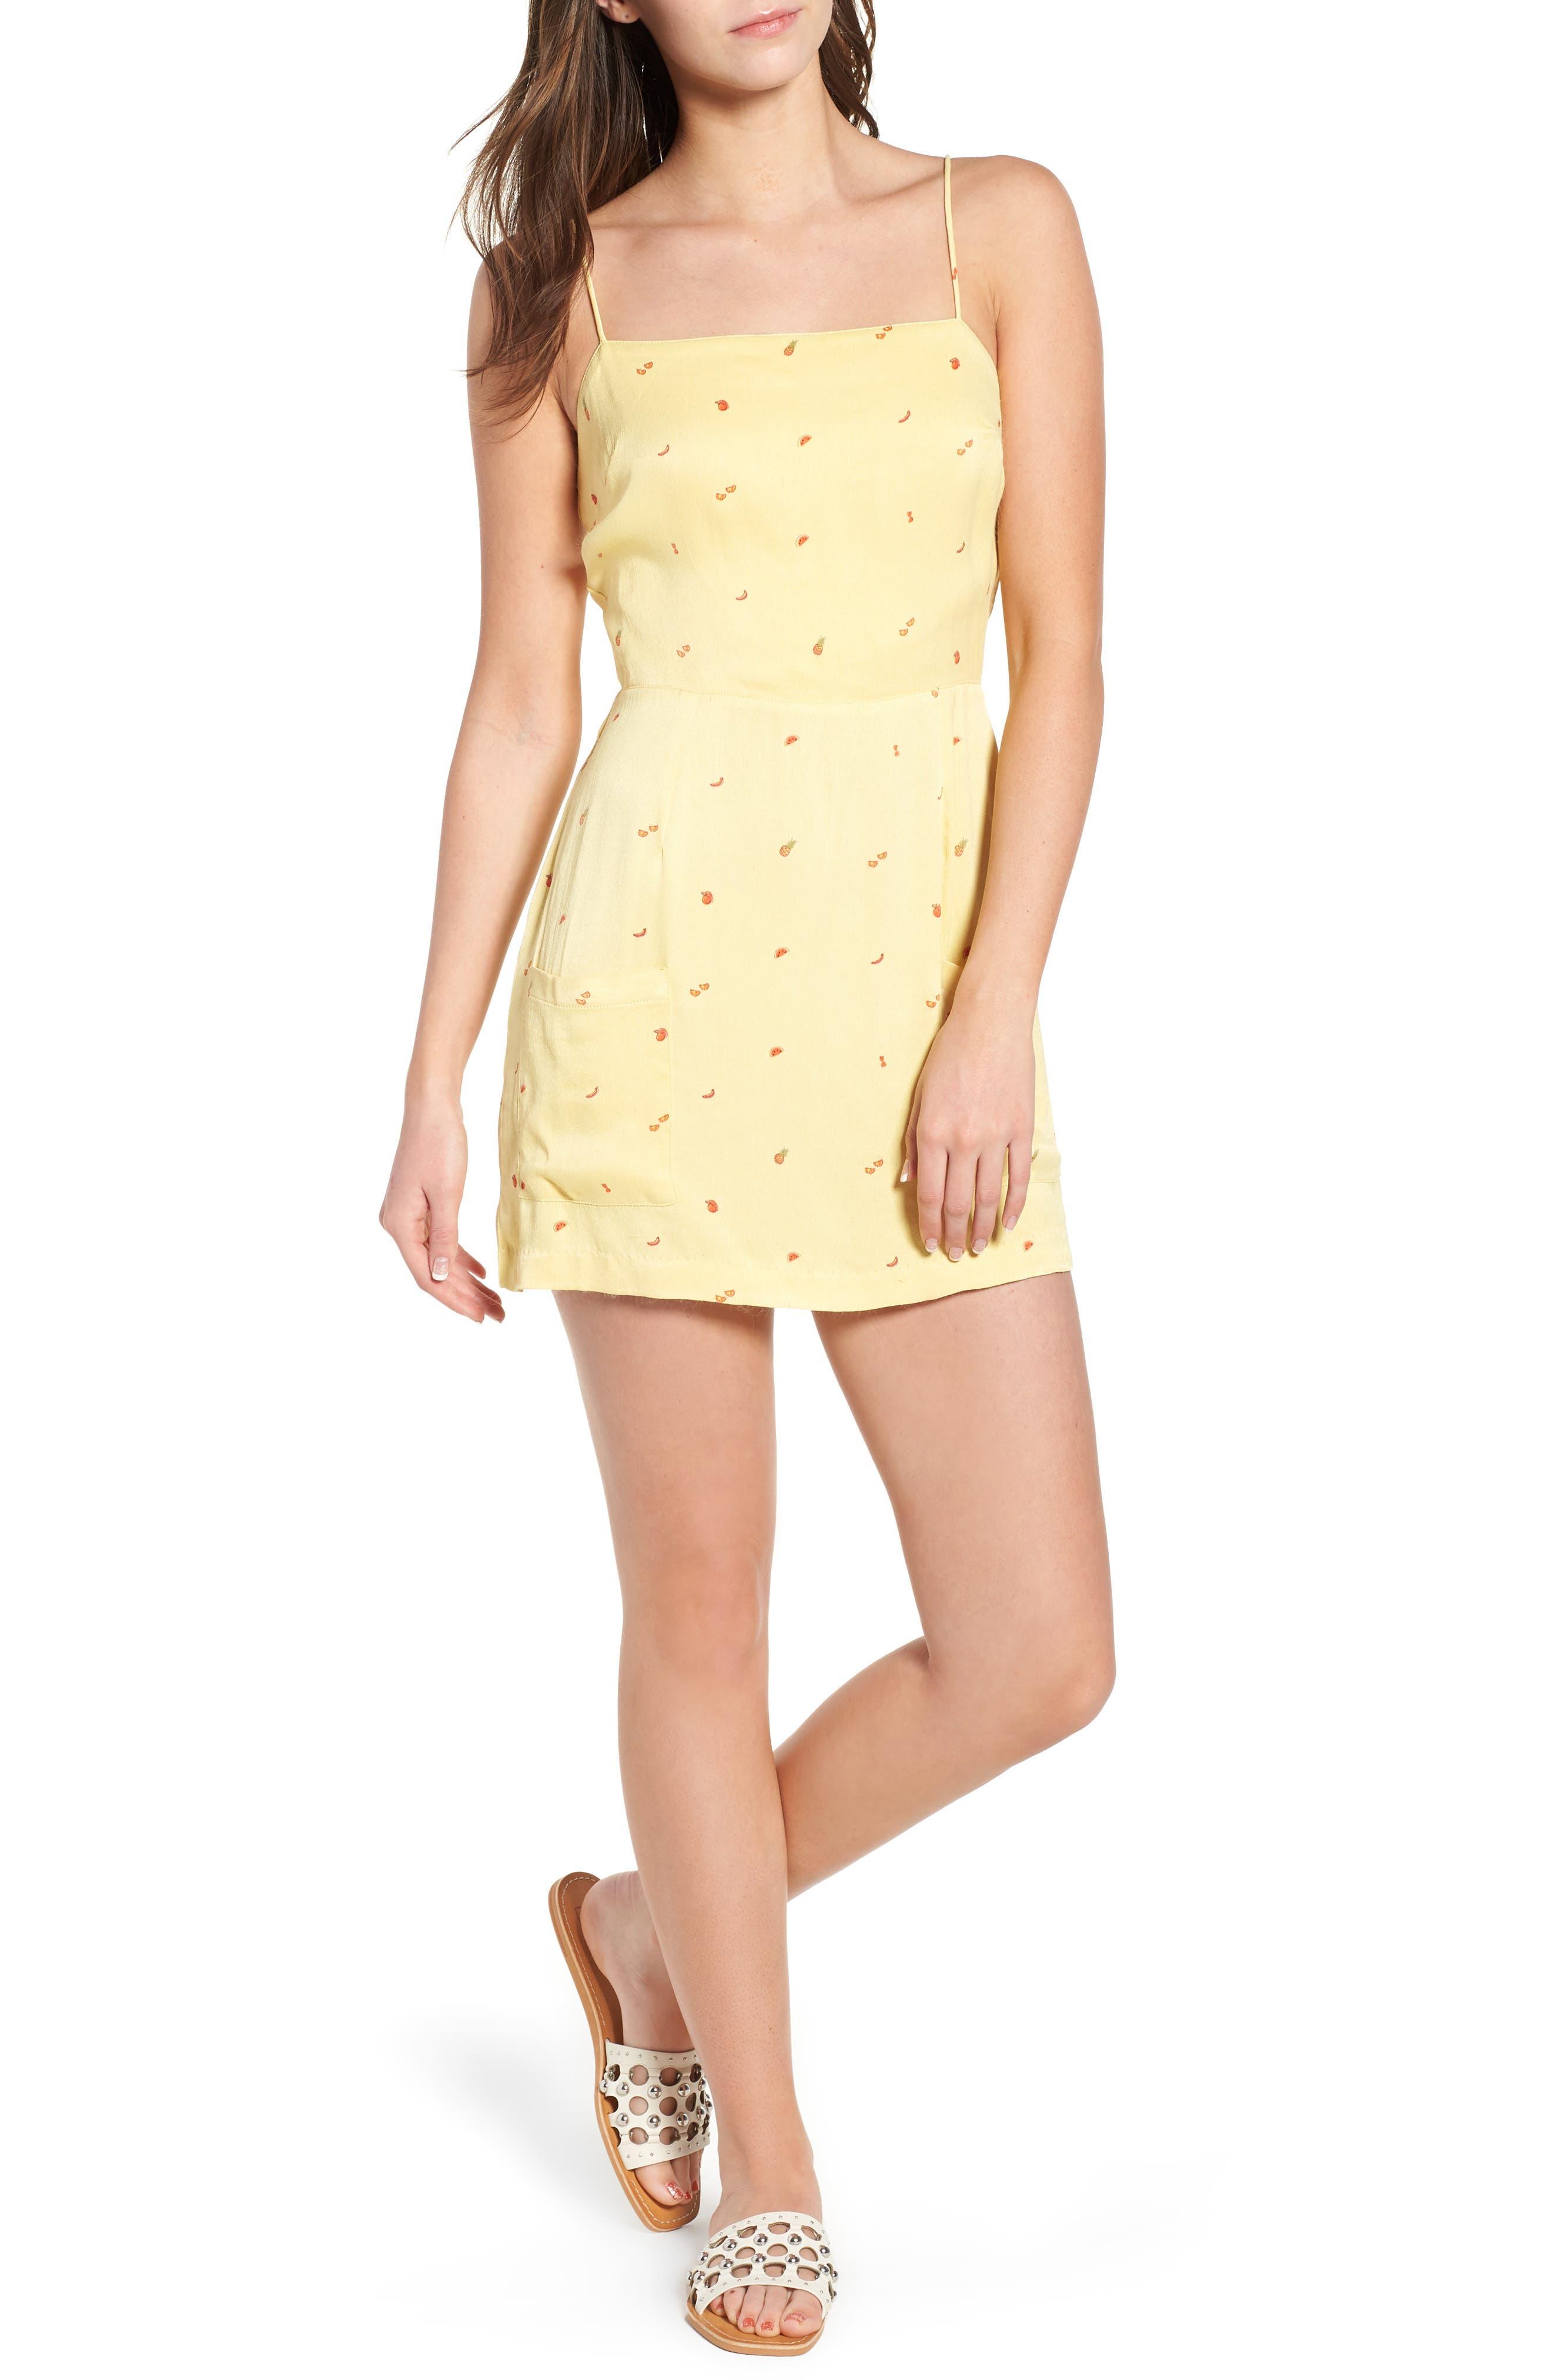 Shilo Fruit Print Minidress,                             Main thumbnail 1, color,                             Yellow Multi